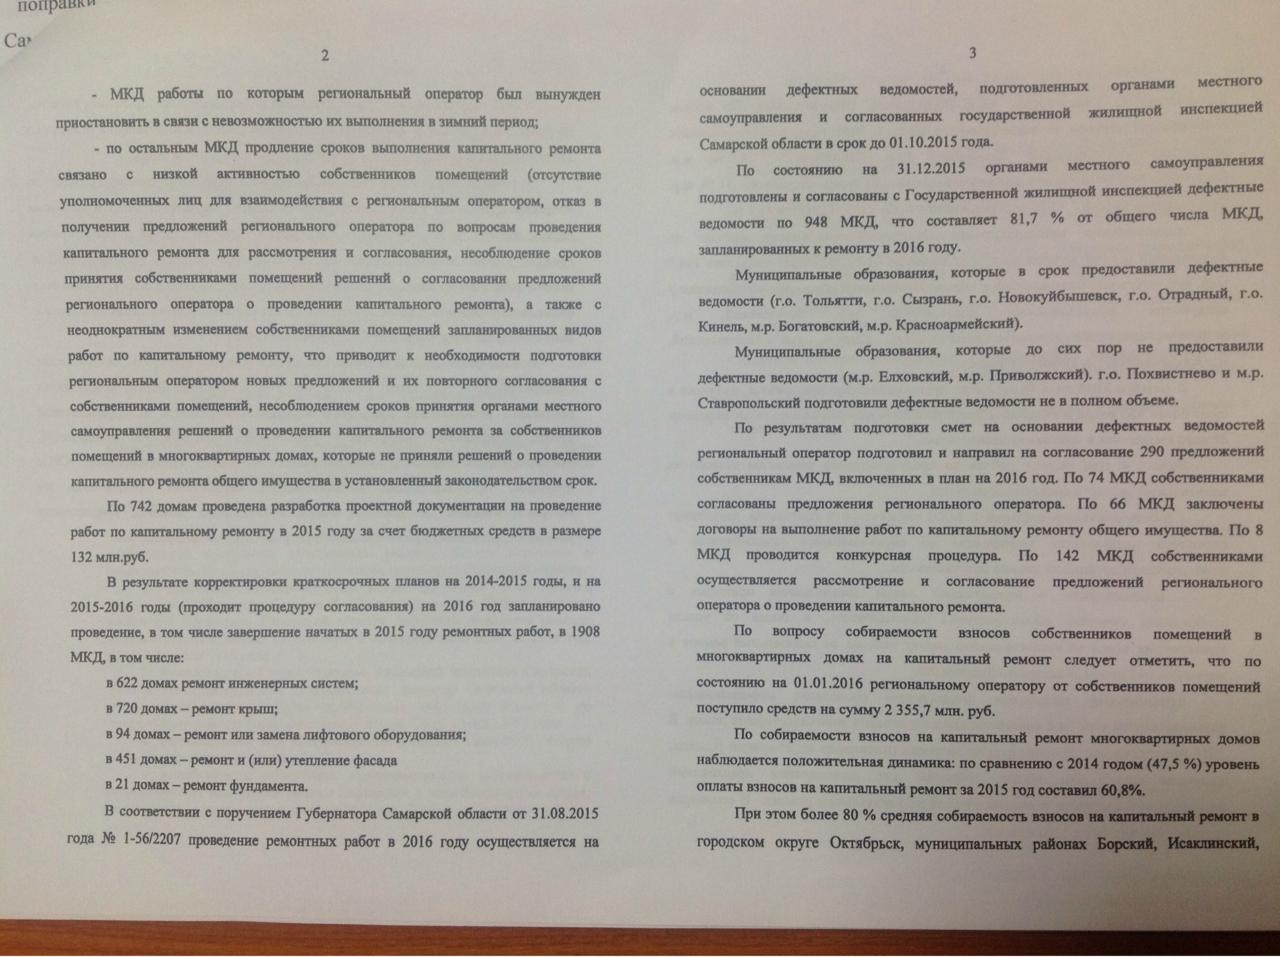 Отчет Фонда капремонта Самарской области документ Блог Михаила  image 19 01 16 10 20 jpeg